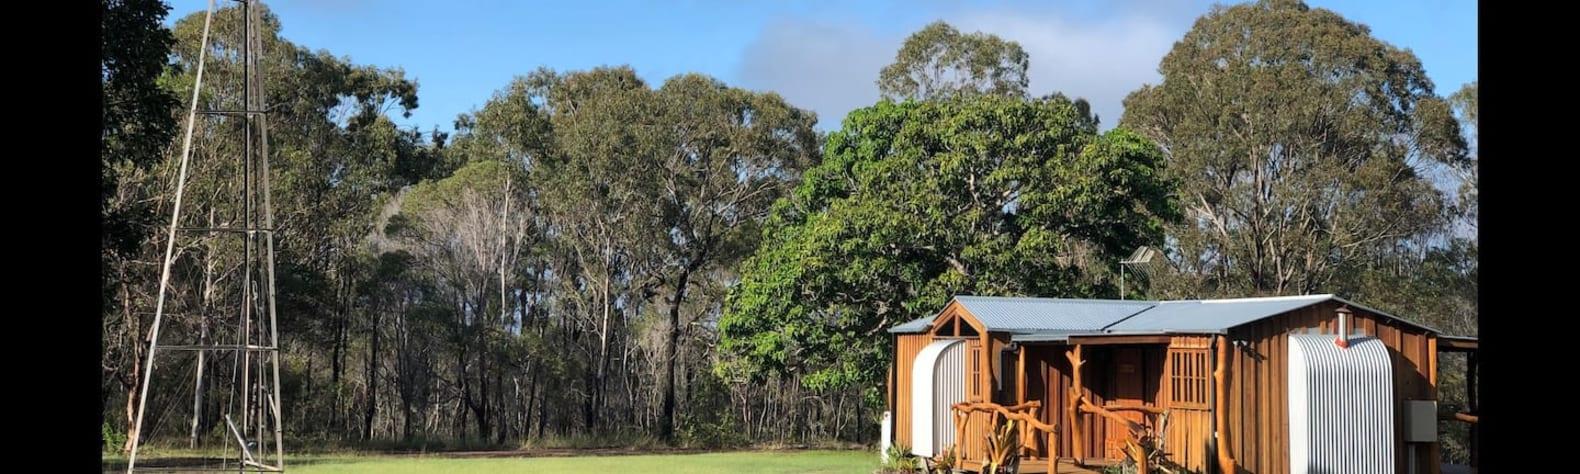 Fraser Coast RV Park